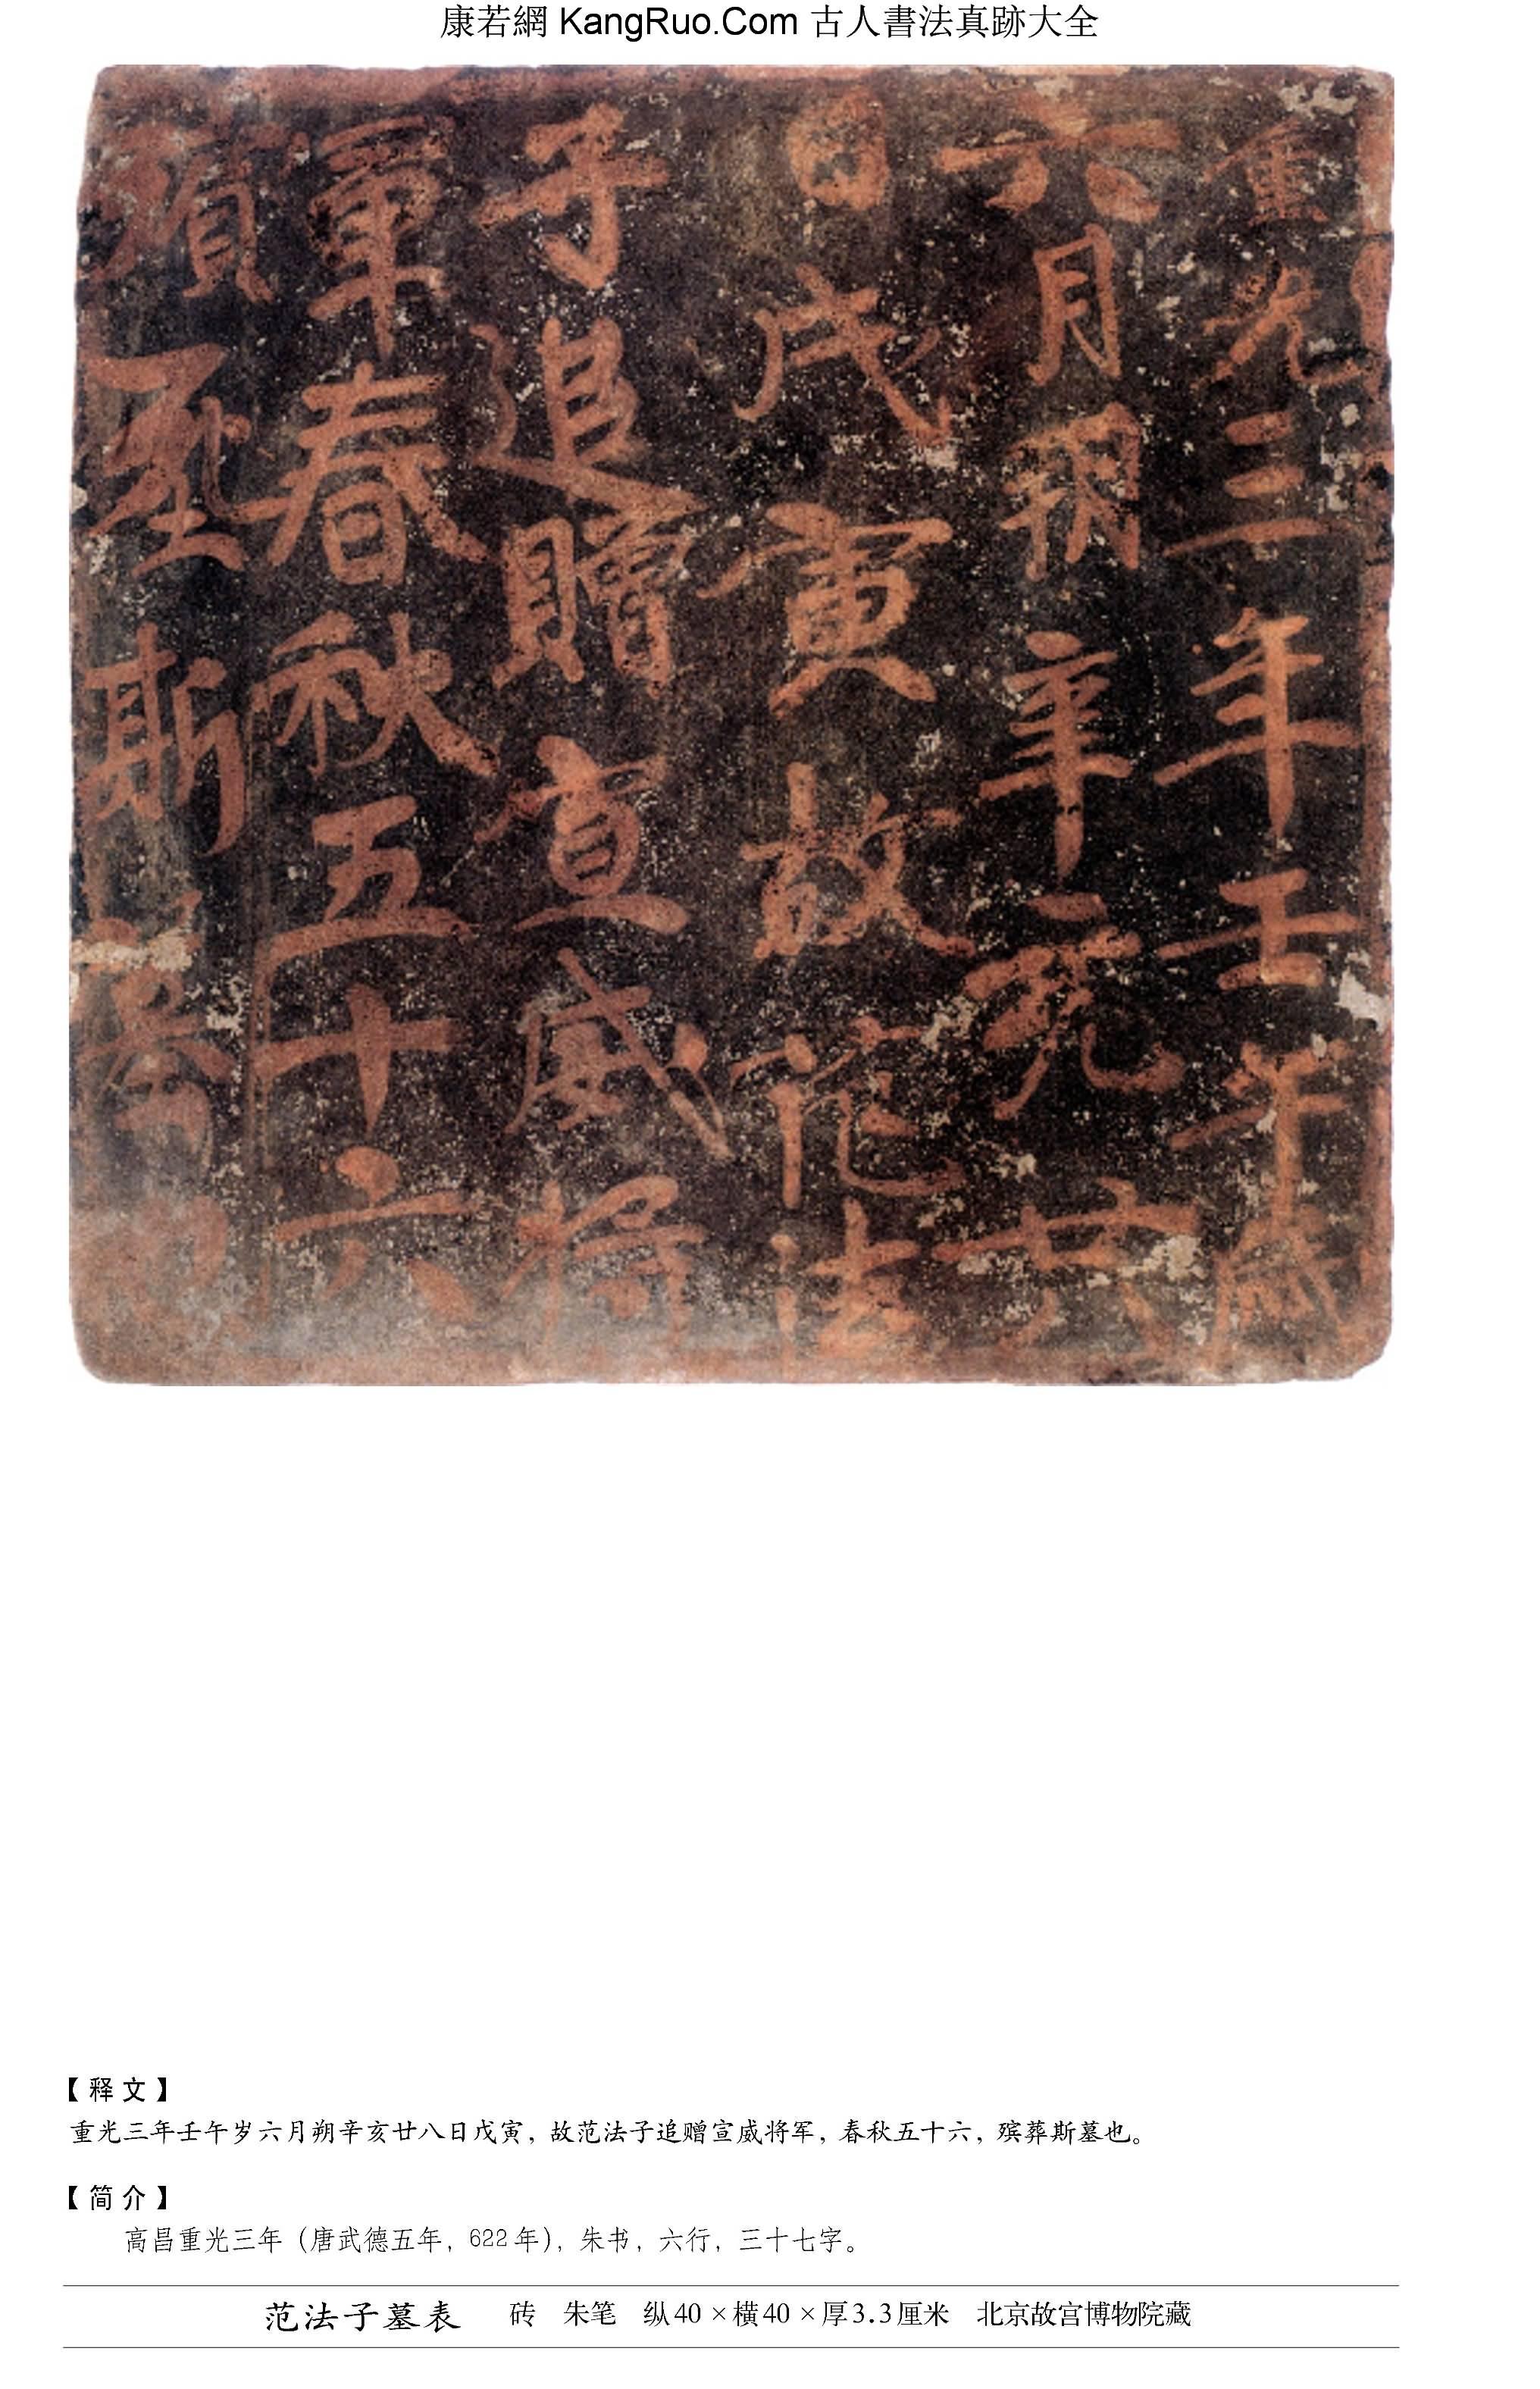 《范法子墓表》磚刻朱筆書法真跡【唐代·高昌磚】_00048